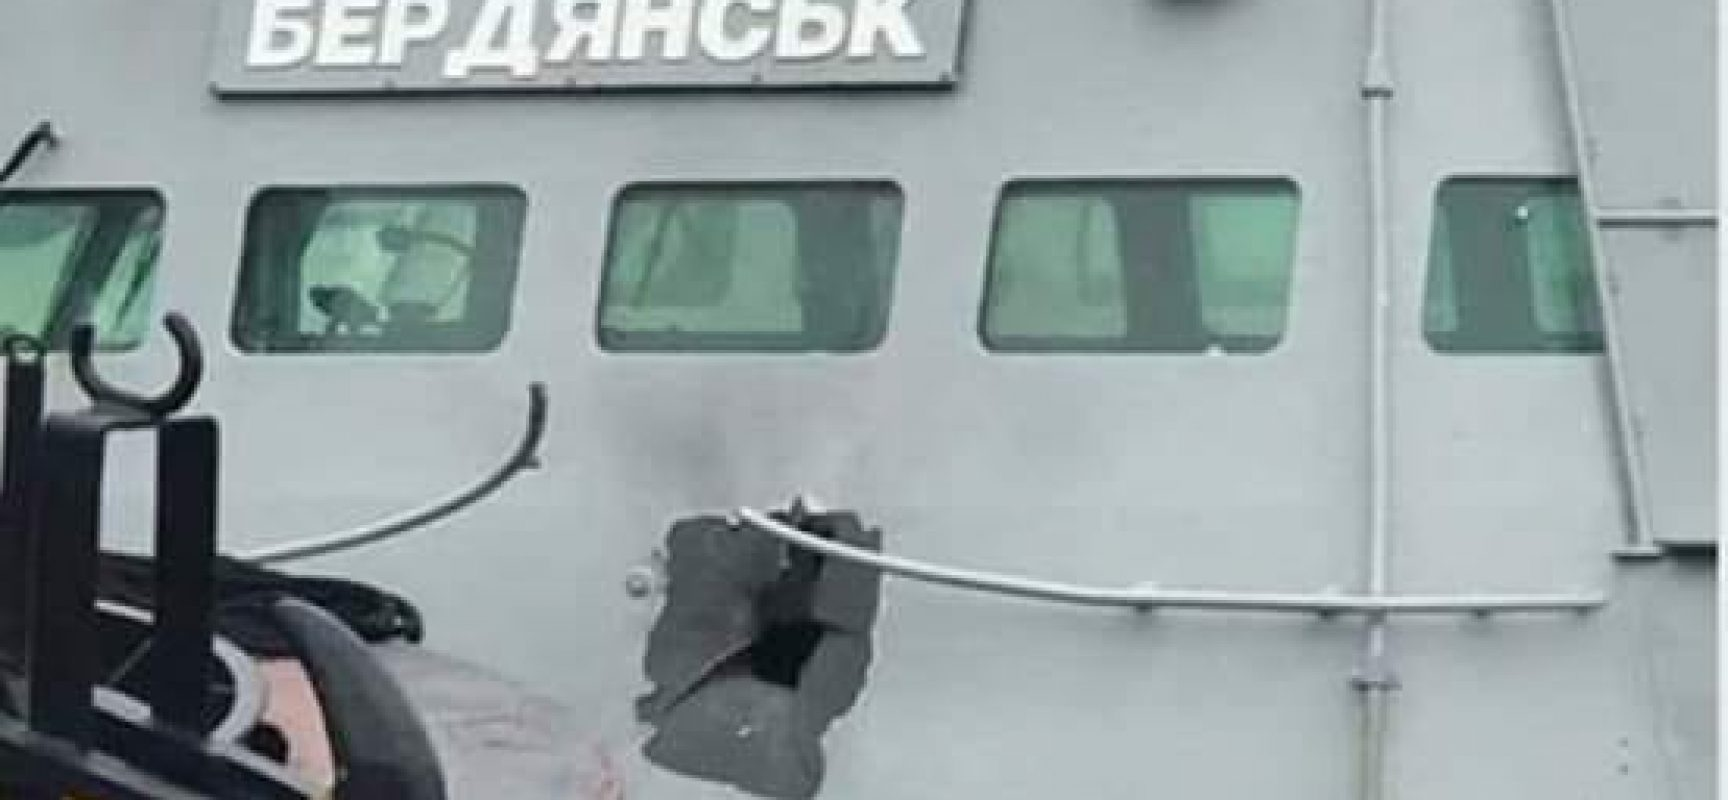 Mosca chiama Italia risponde